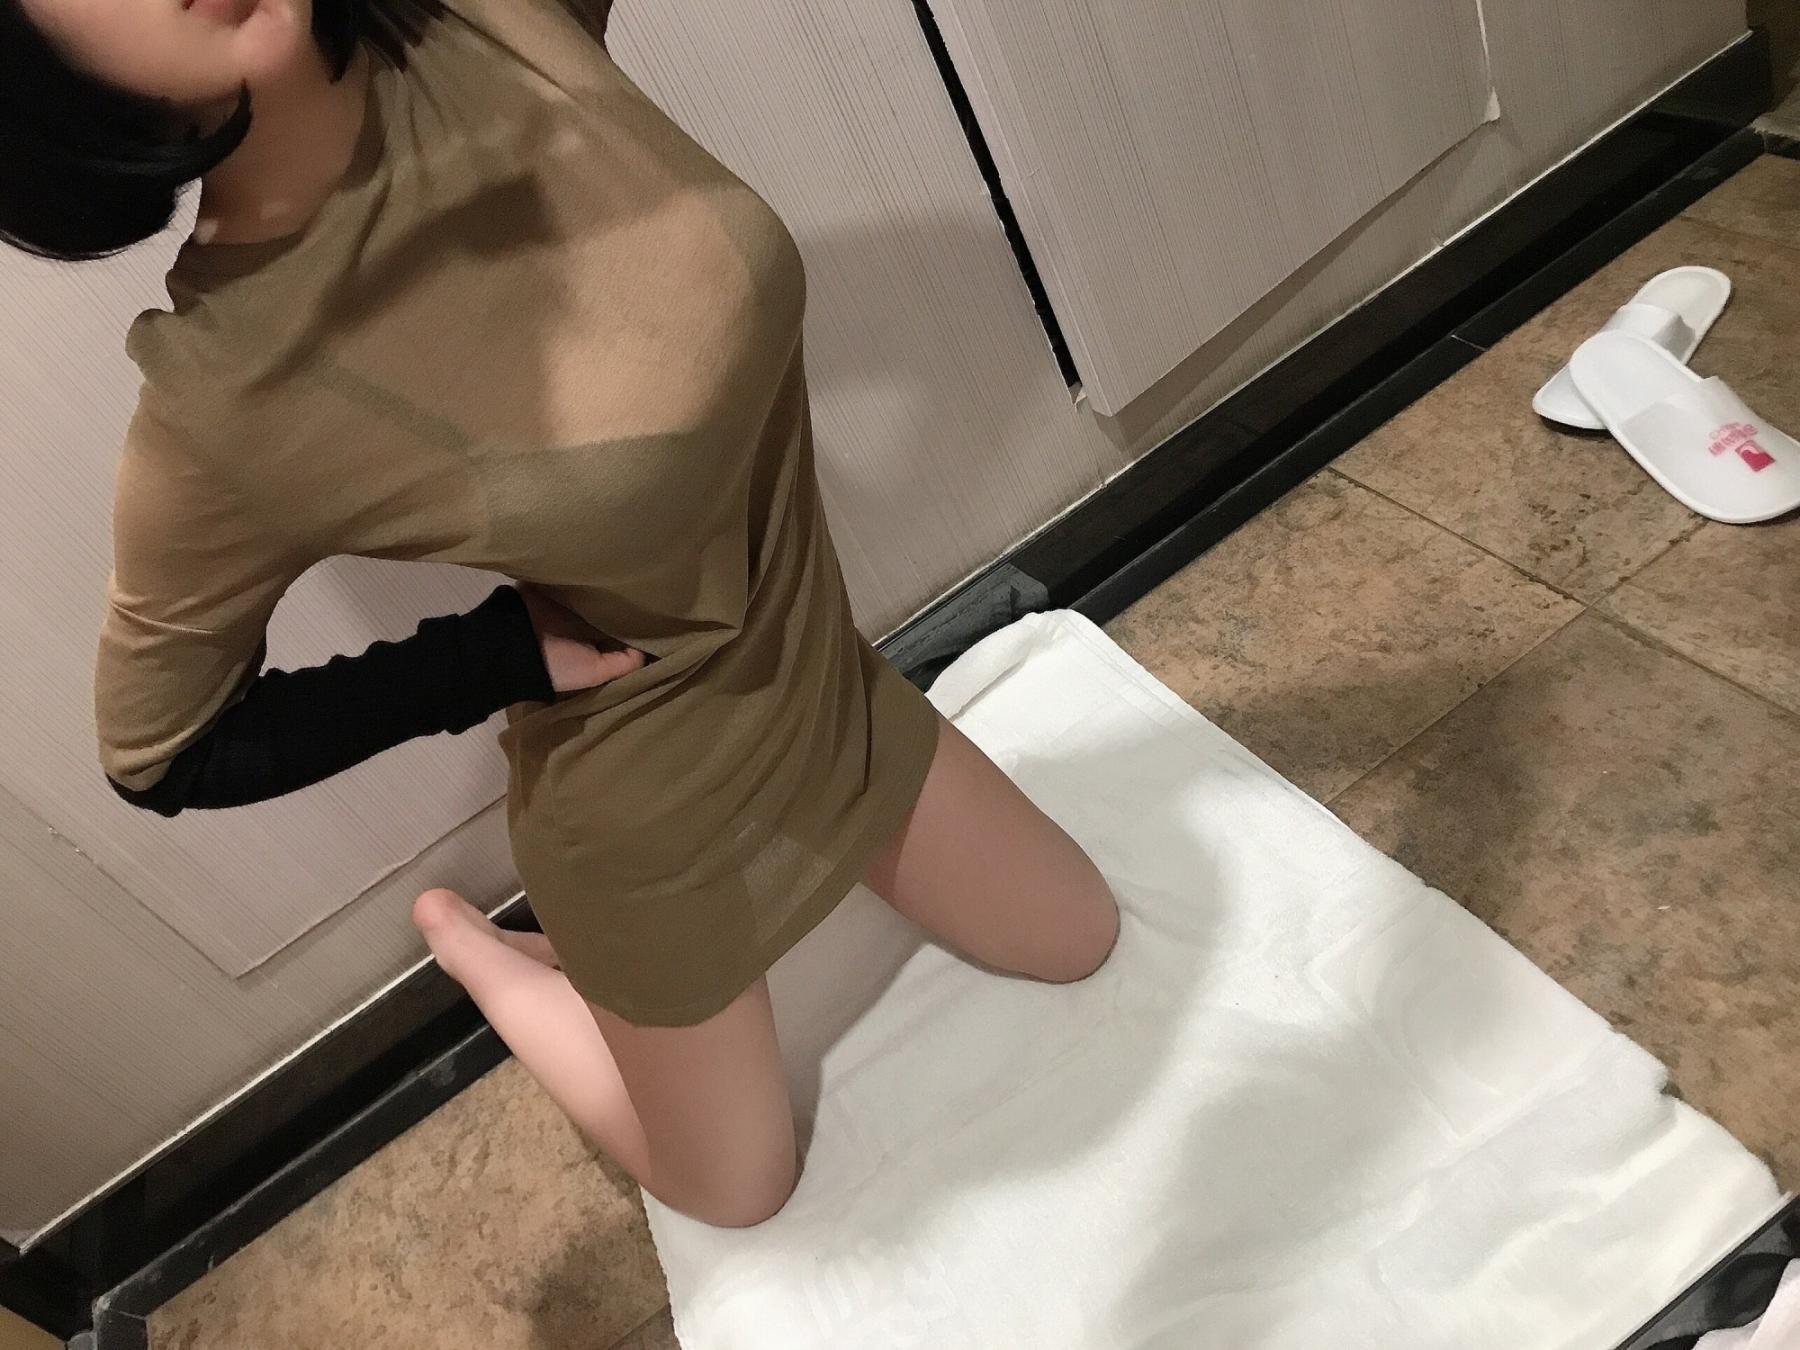 [稚九醬] 推特合集 - (99P)